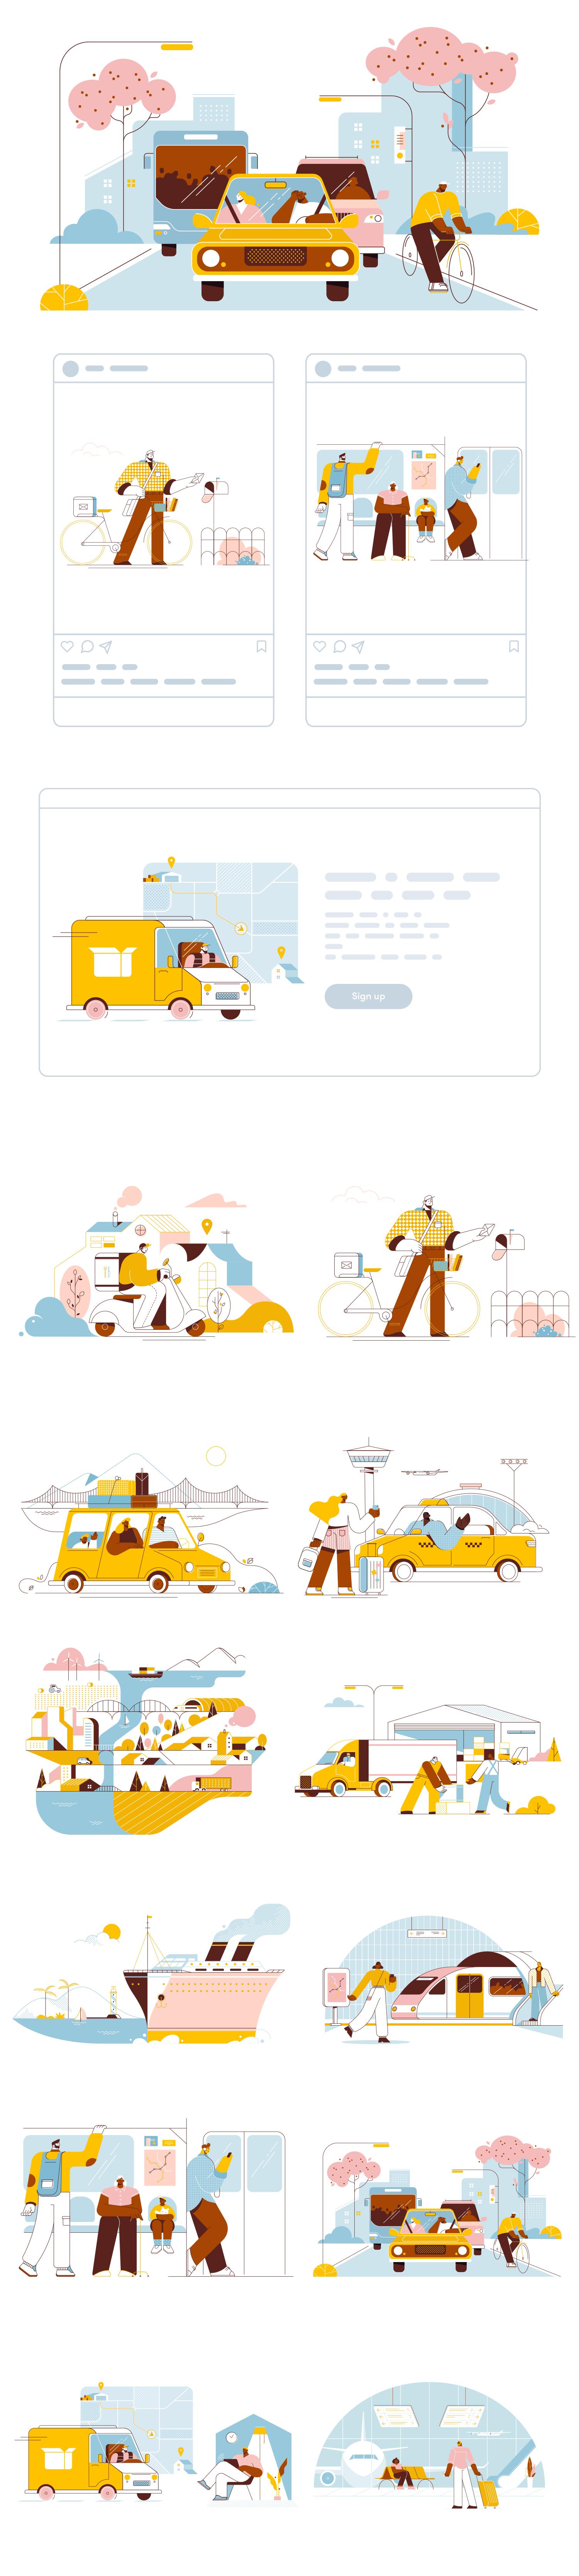 Full grid of free transport vector illustrations